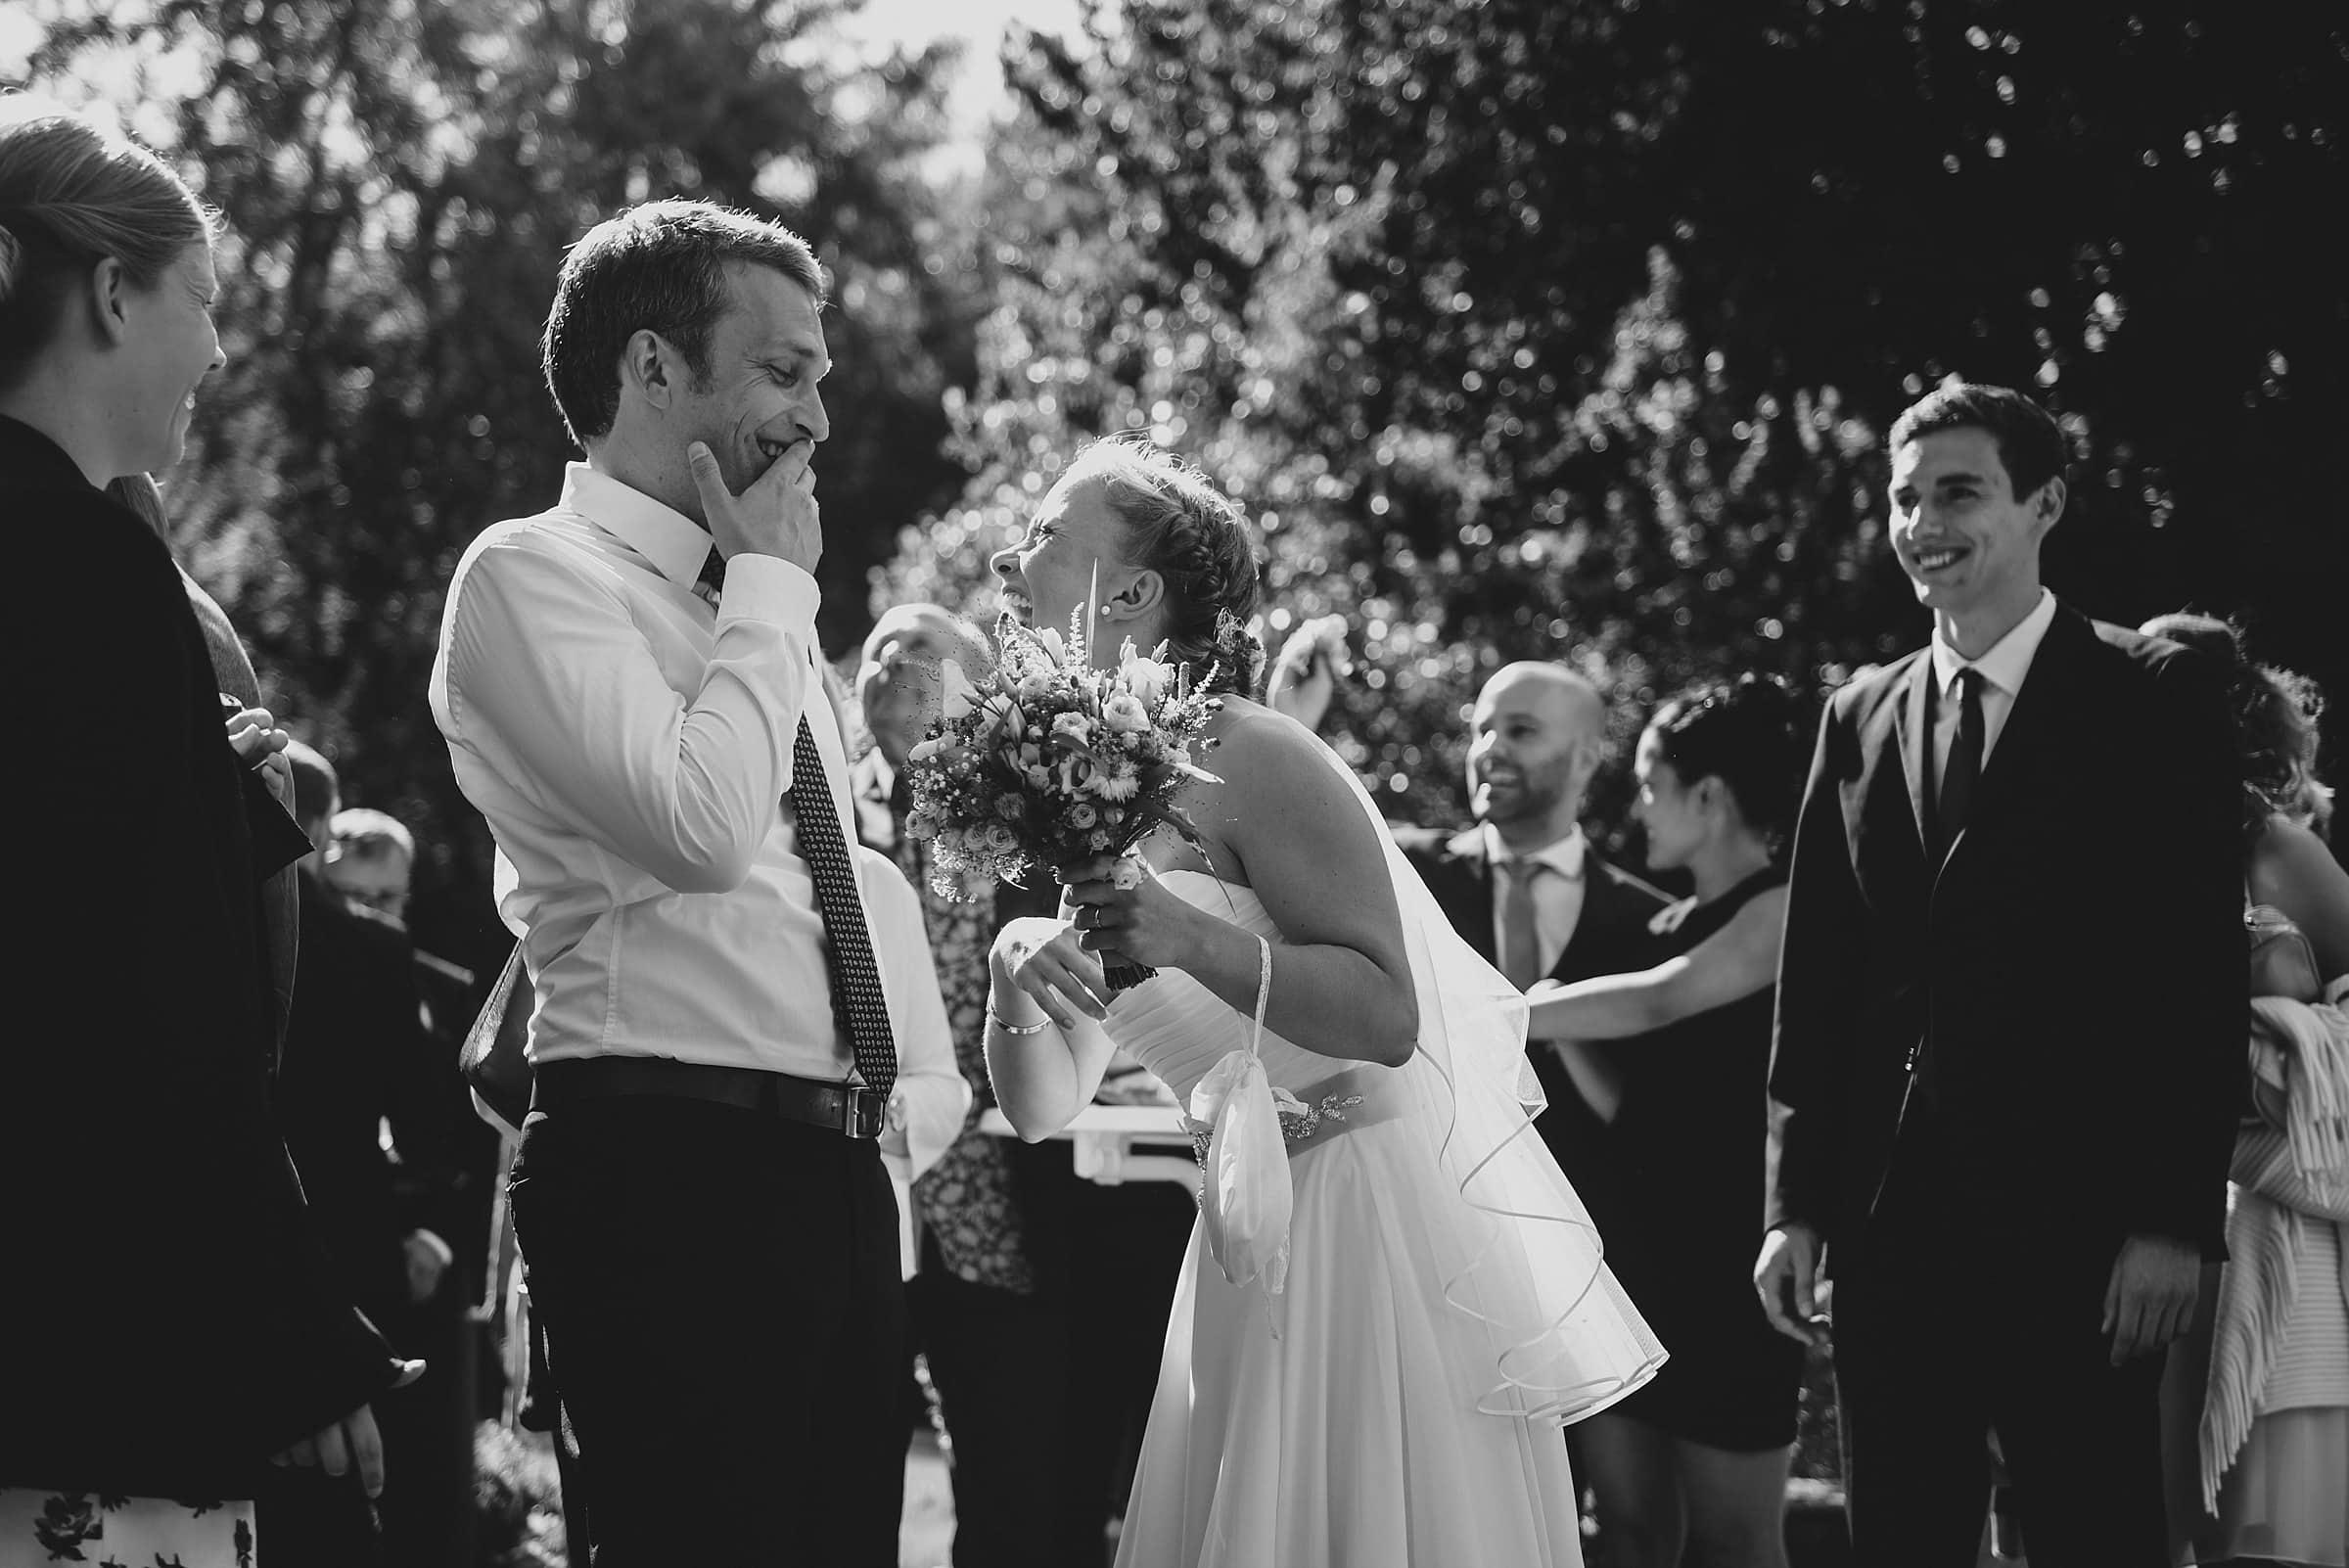 Hochzeitsfotografie-Frau-Siemers-Hof Weihe-Braut lacht mit einem Gast